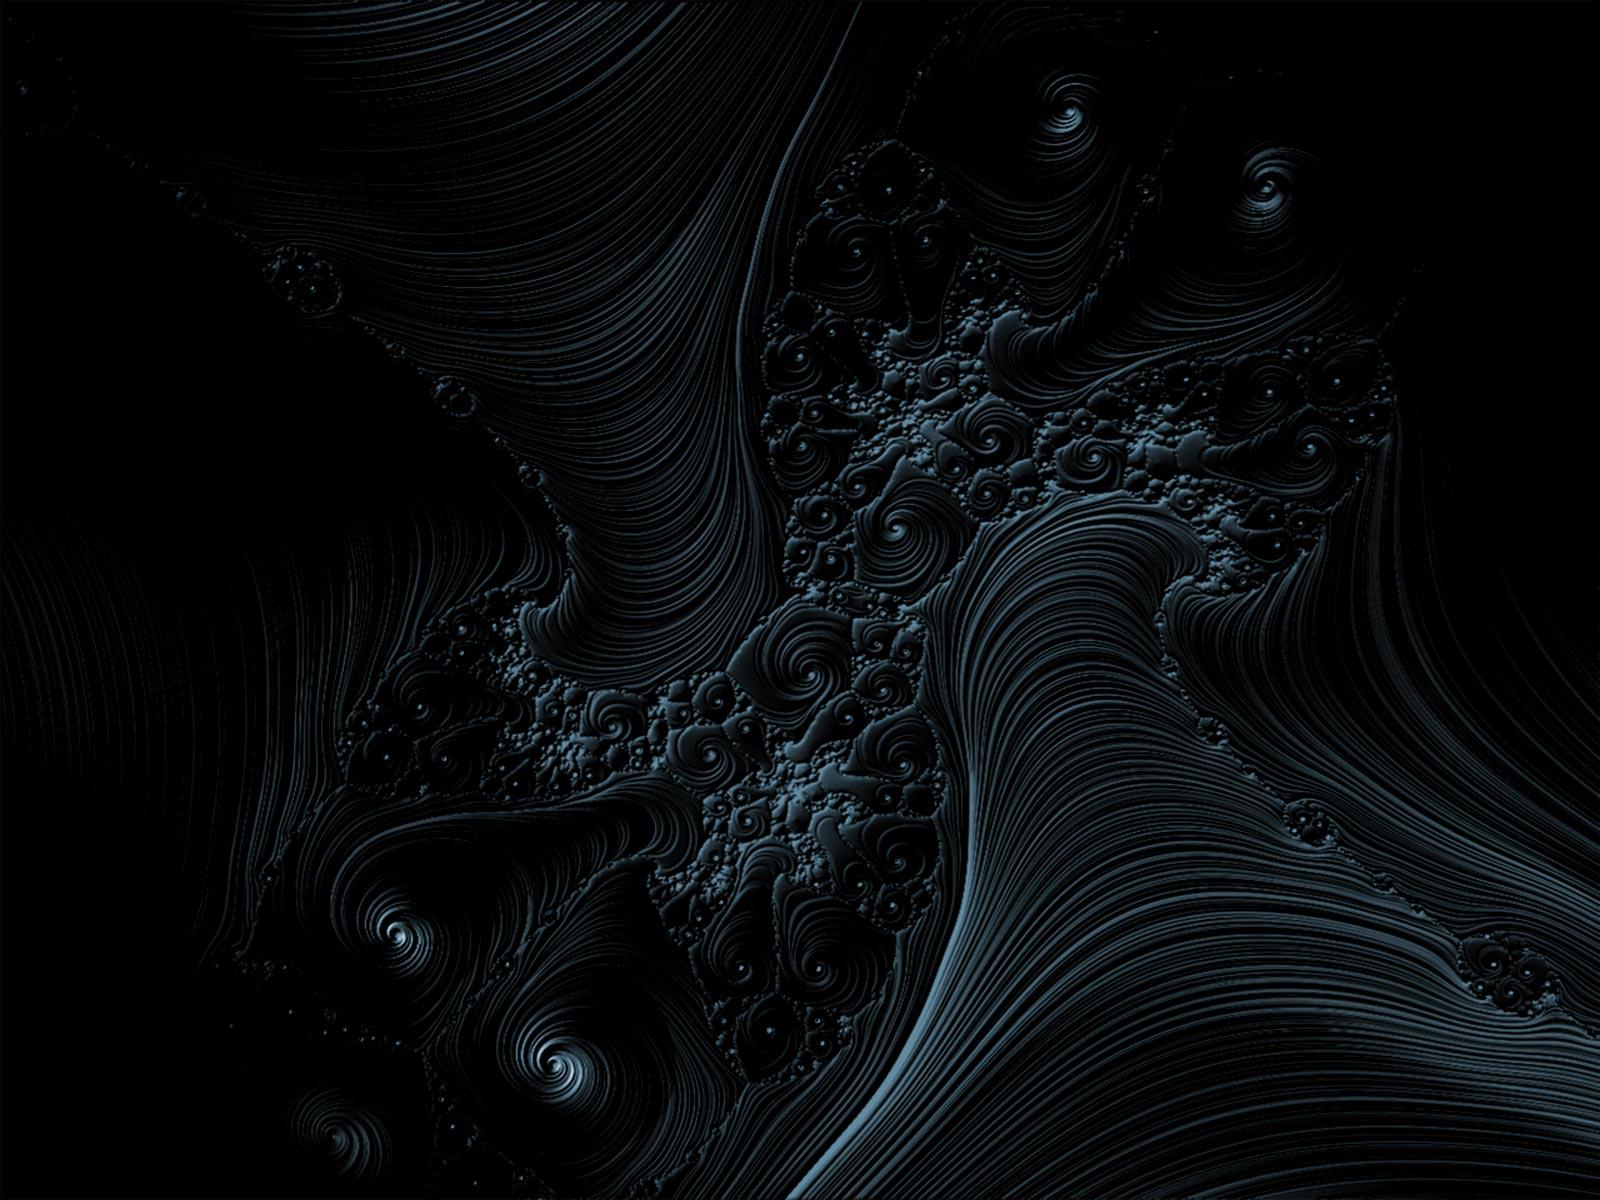 http://2.bp.blogspot.com/_qkFRFvBwVQs/TTVTRsEpz9I/AAAAAAAADgs/YXfMn_6IZi8/s1600/twister-fractal-dark.jpg